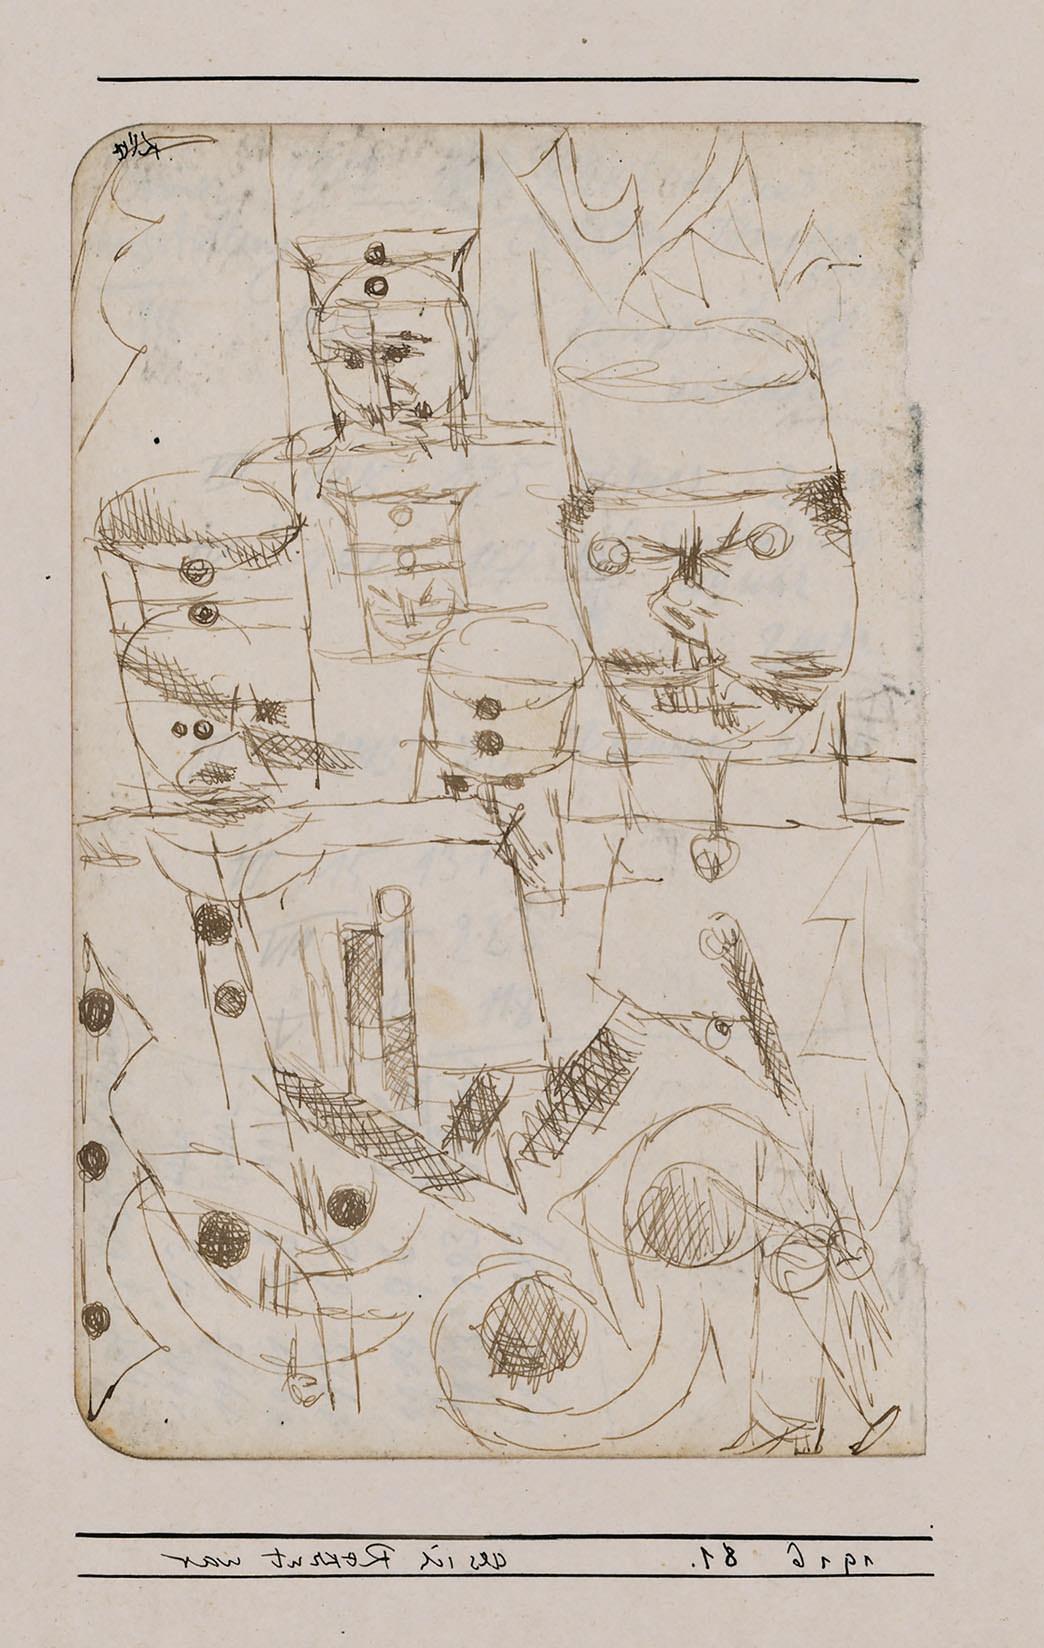 Abb.11 Paul Klee, als ich Rekrut war, 1916, 81 , Feder auf Papier auf Karton , 17,3 x 11 cm (s. Abb. 9), seitenverkehrt, Zentrum Paul Klee, Bern, Schenkung Livia Klee ©Zentrum Paul Klee, Bern, Bildarchiv